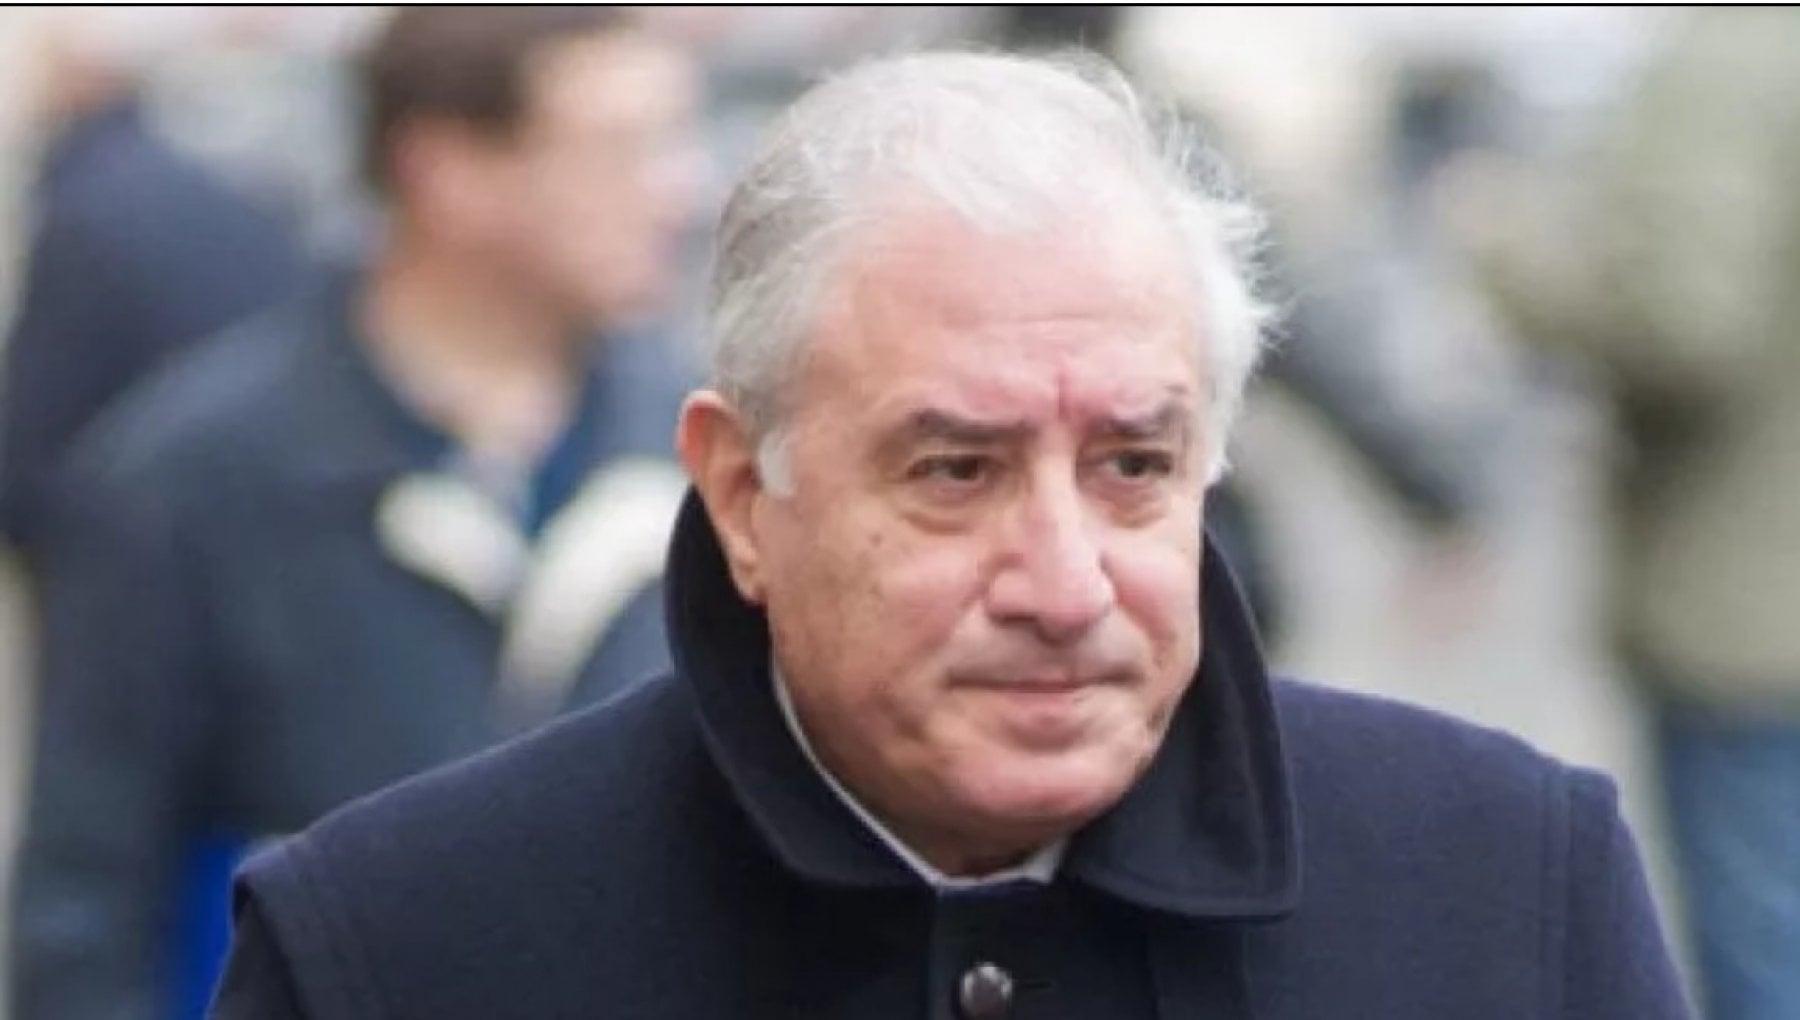 Caso Girolamini, assolto Marcello Dell'Utri